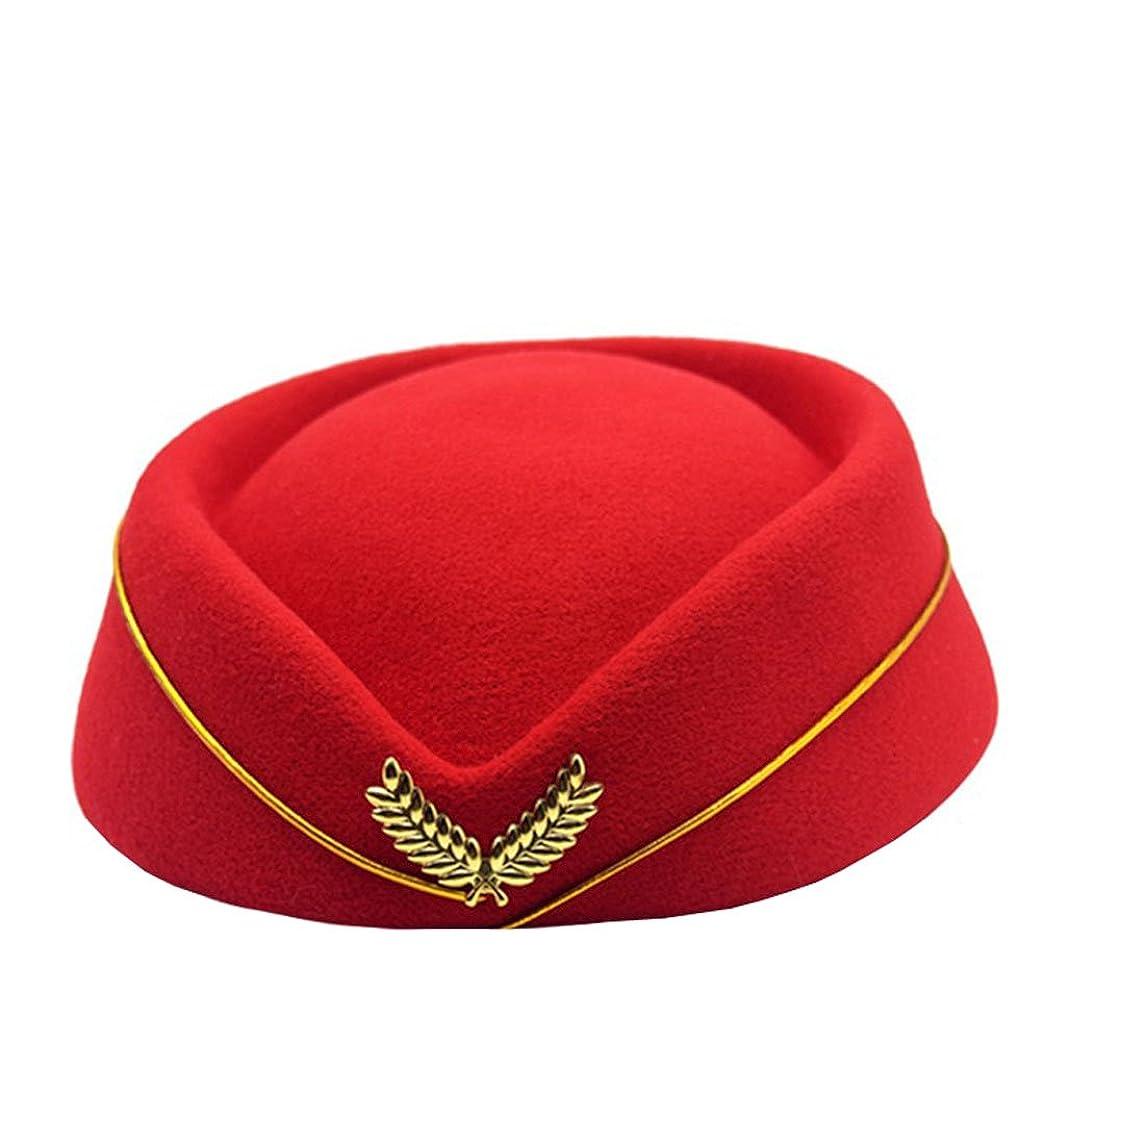 気味の悪いキャラバンソーセージYueLian レディース ヘアピン帽子 スチュワーデス帽子 アクセサリー コスプレ 髪飾り エレガント